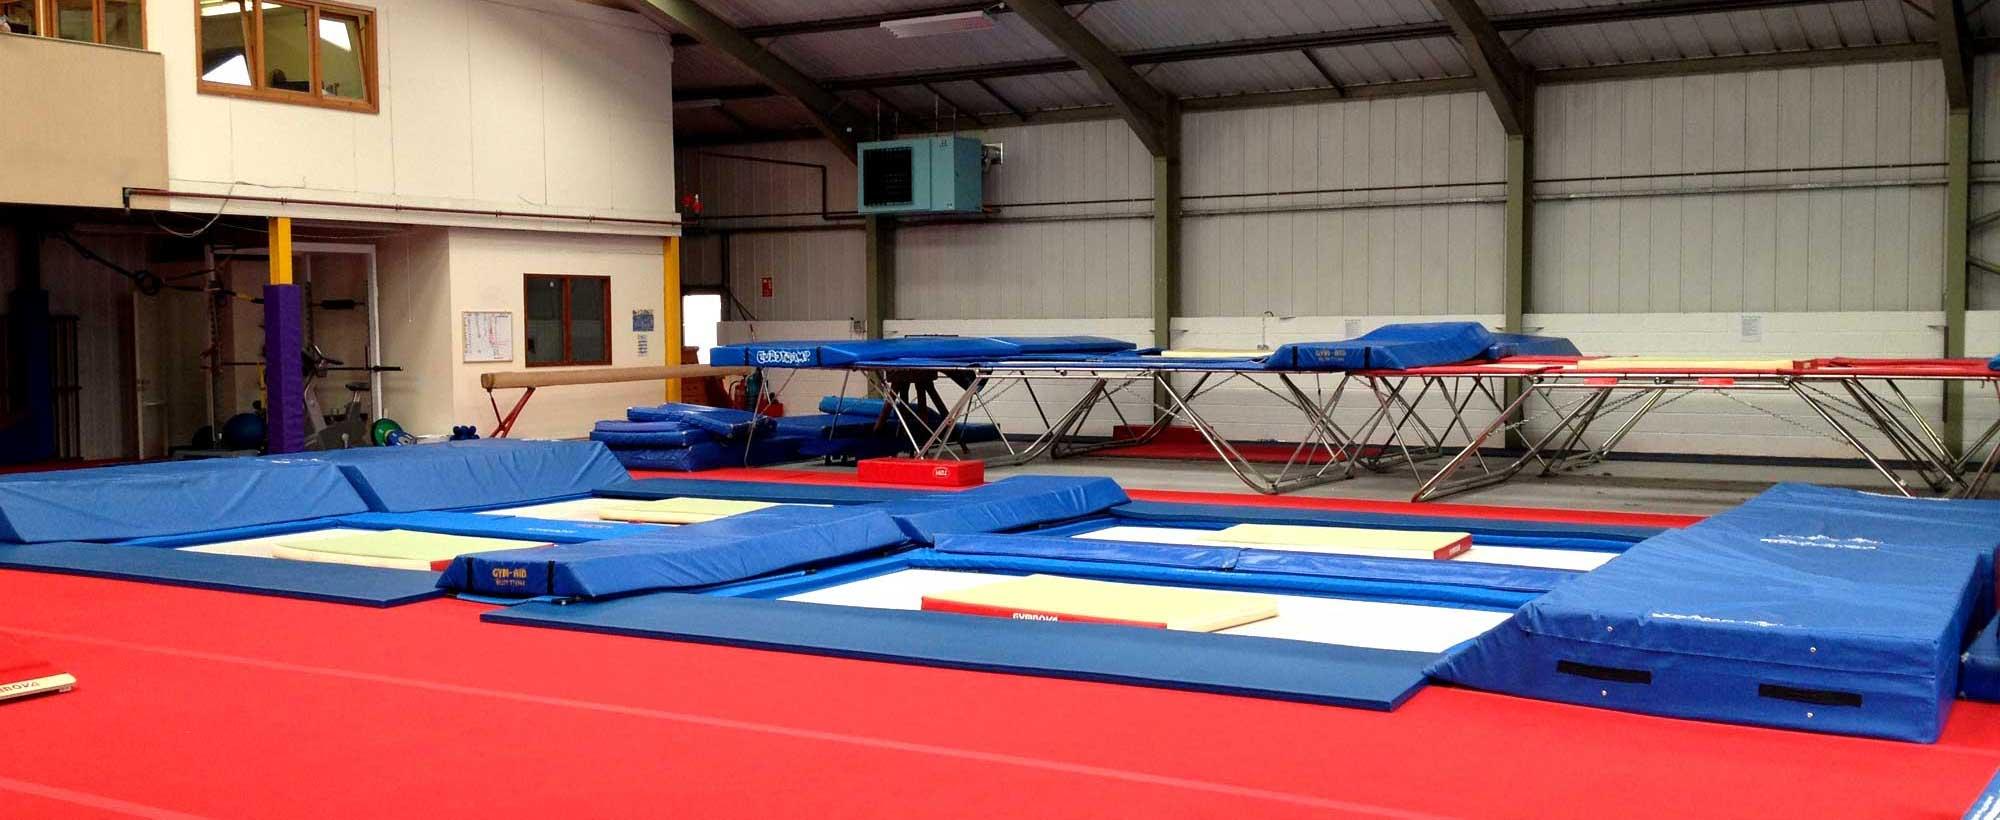 sunken-trampolines-schools